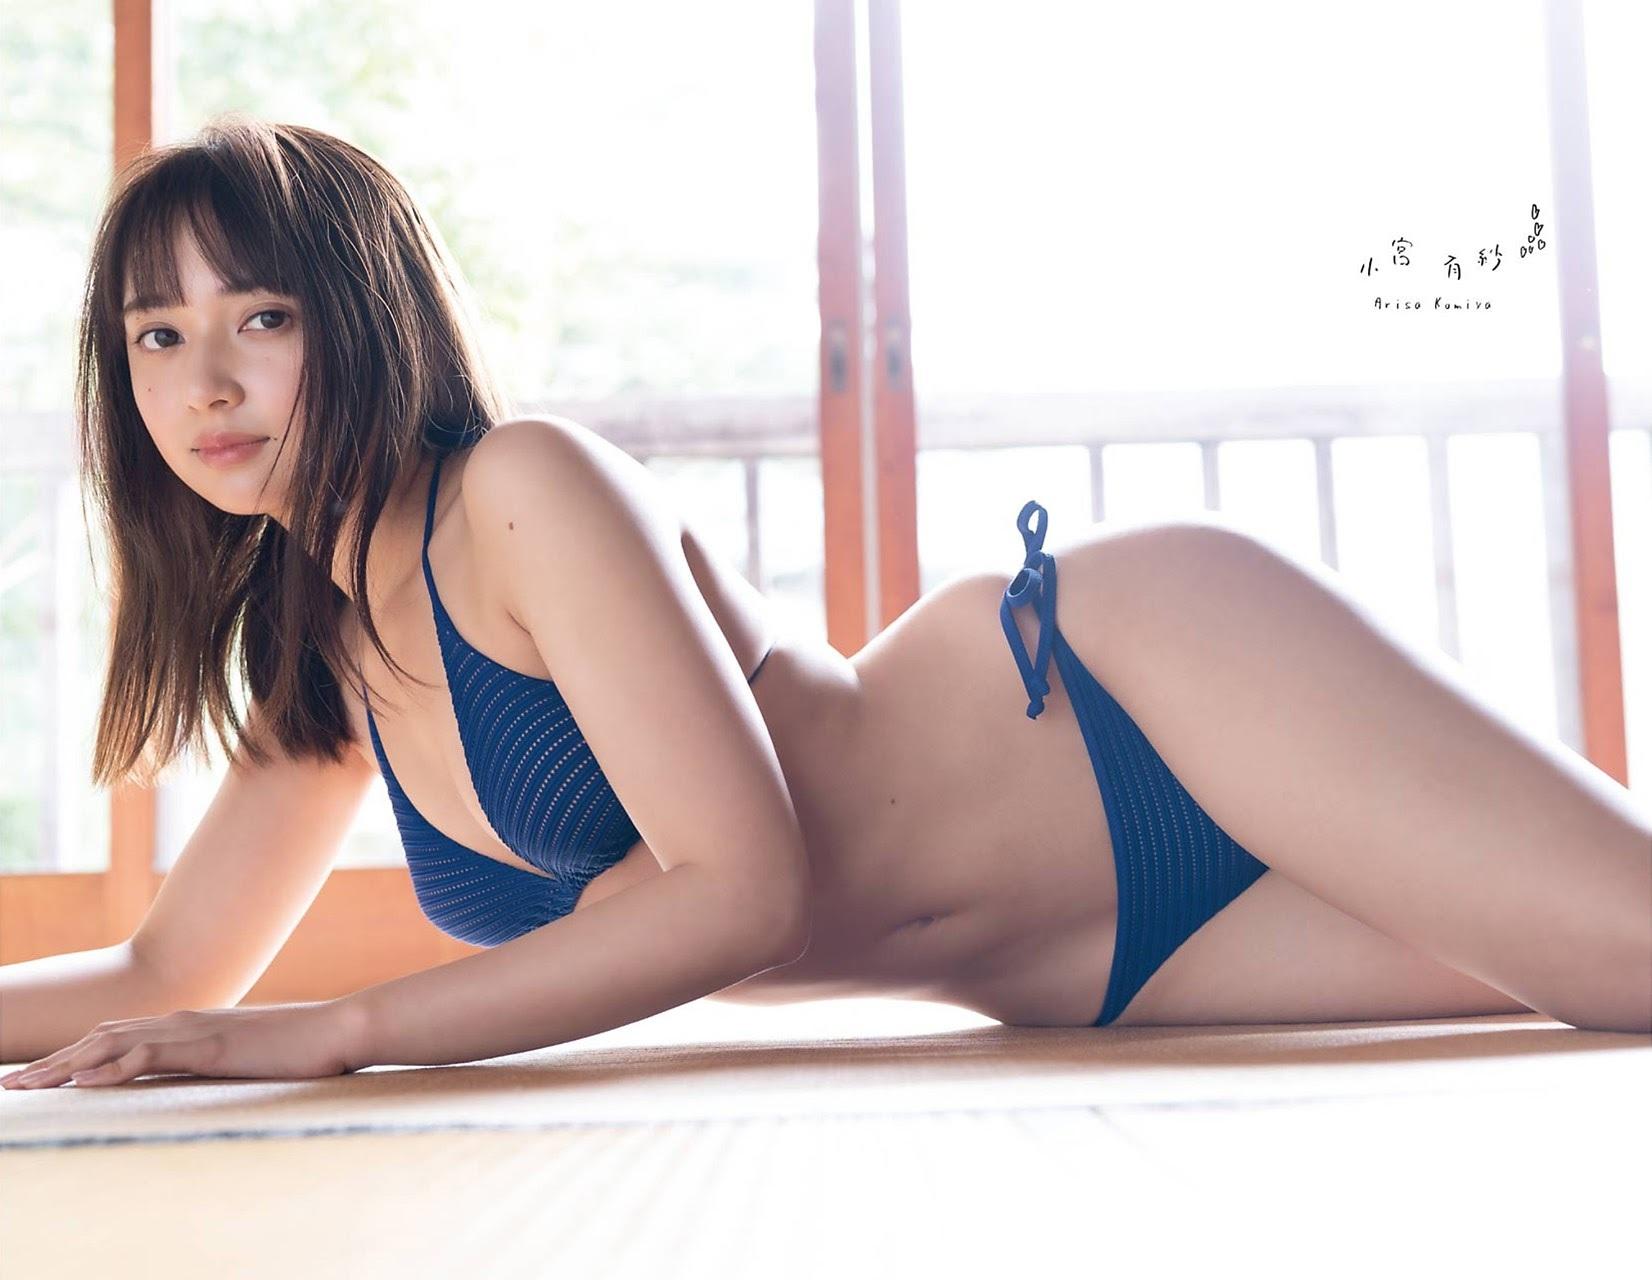 小宫有纱 Young Gangan1-009